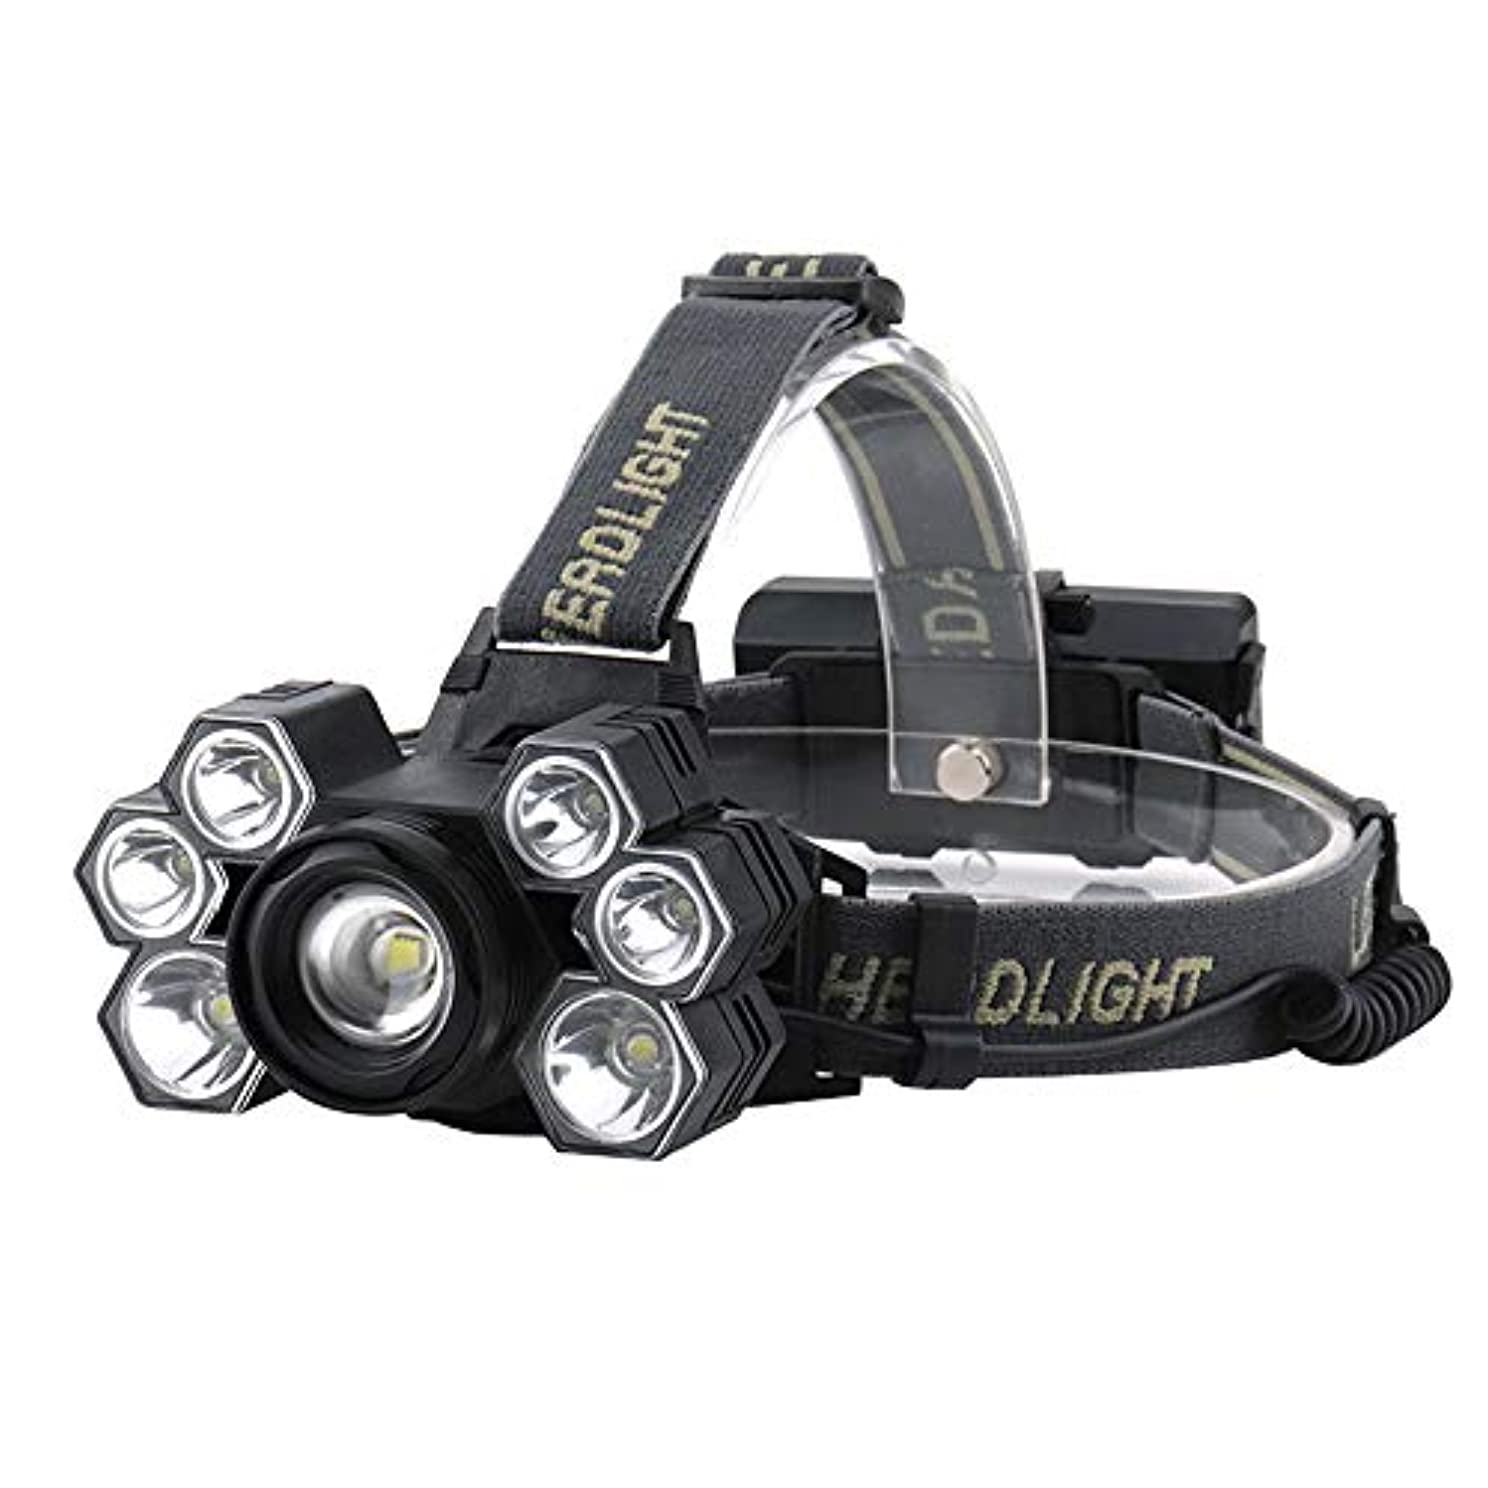 汚い絶滅基礎理論LEDヘッドライト、スーパーブライト900ルーメン5モードヘッドライト、防水90ºライトの方向1X18650充電式バッテリー、ベストキャンプランニングハイキングアウトドアアクティビティ毎日の使用(含まれていないバッテリーを含む)